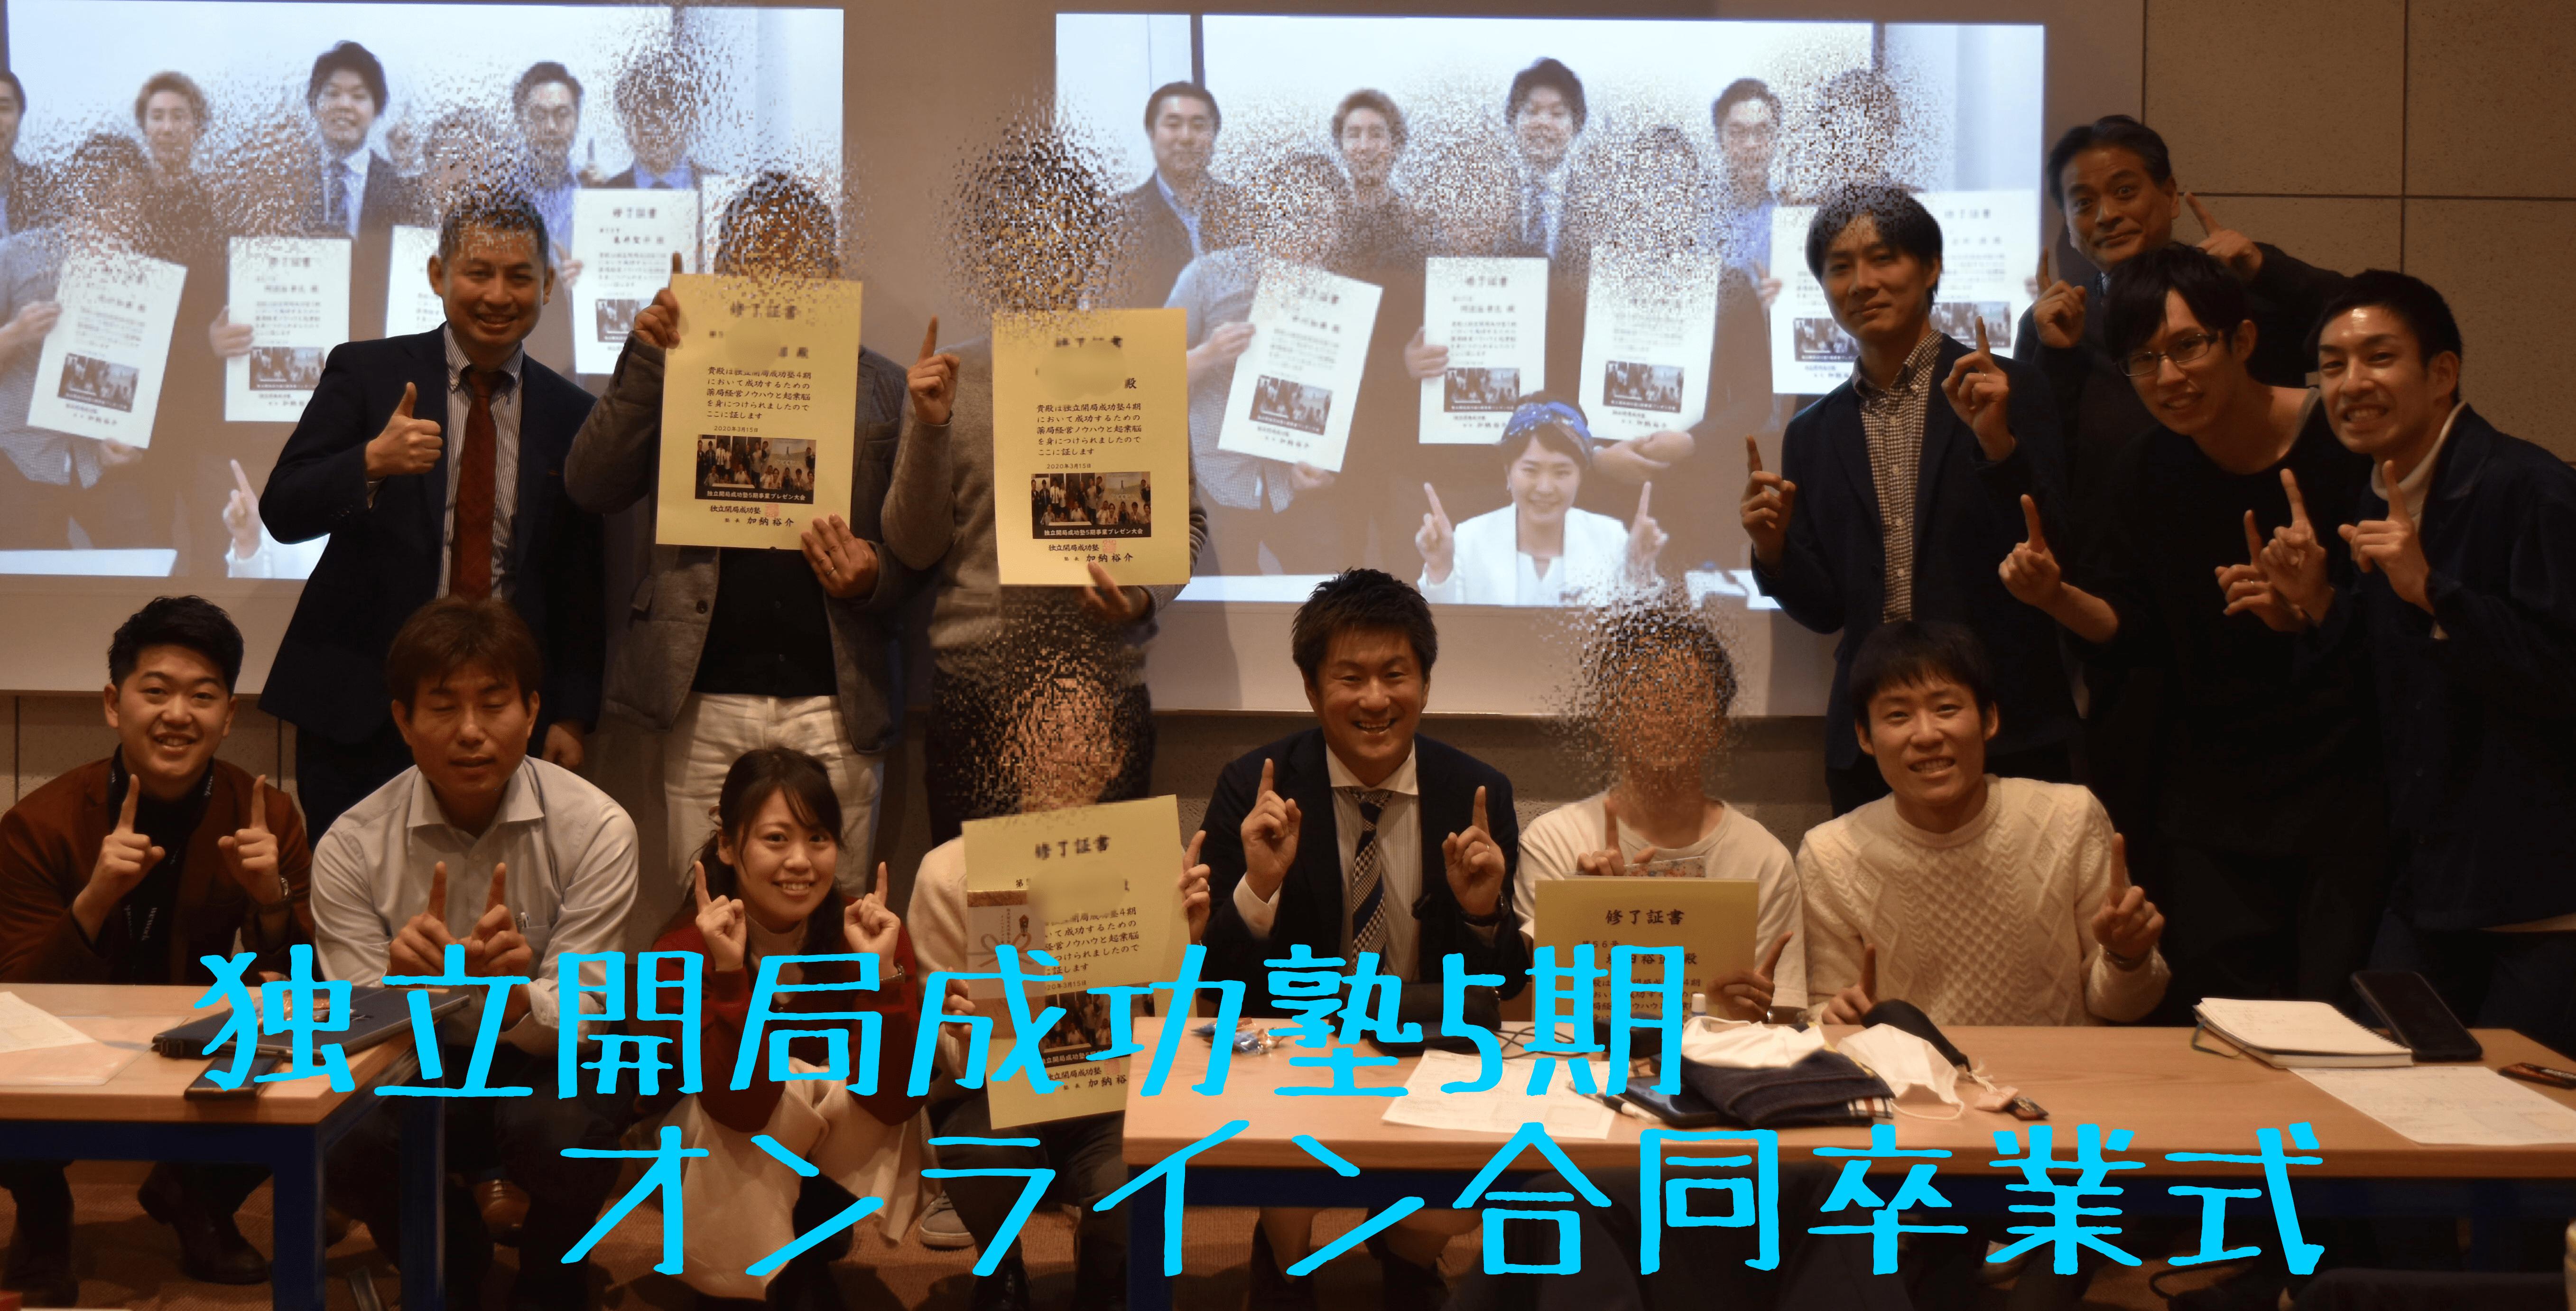 オンラインを使って開催!『独立開局成功塾5期事業プレゼン大会』